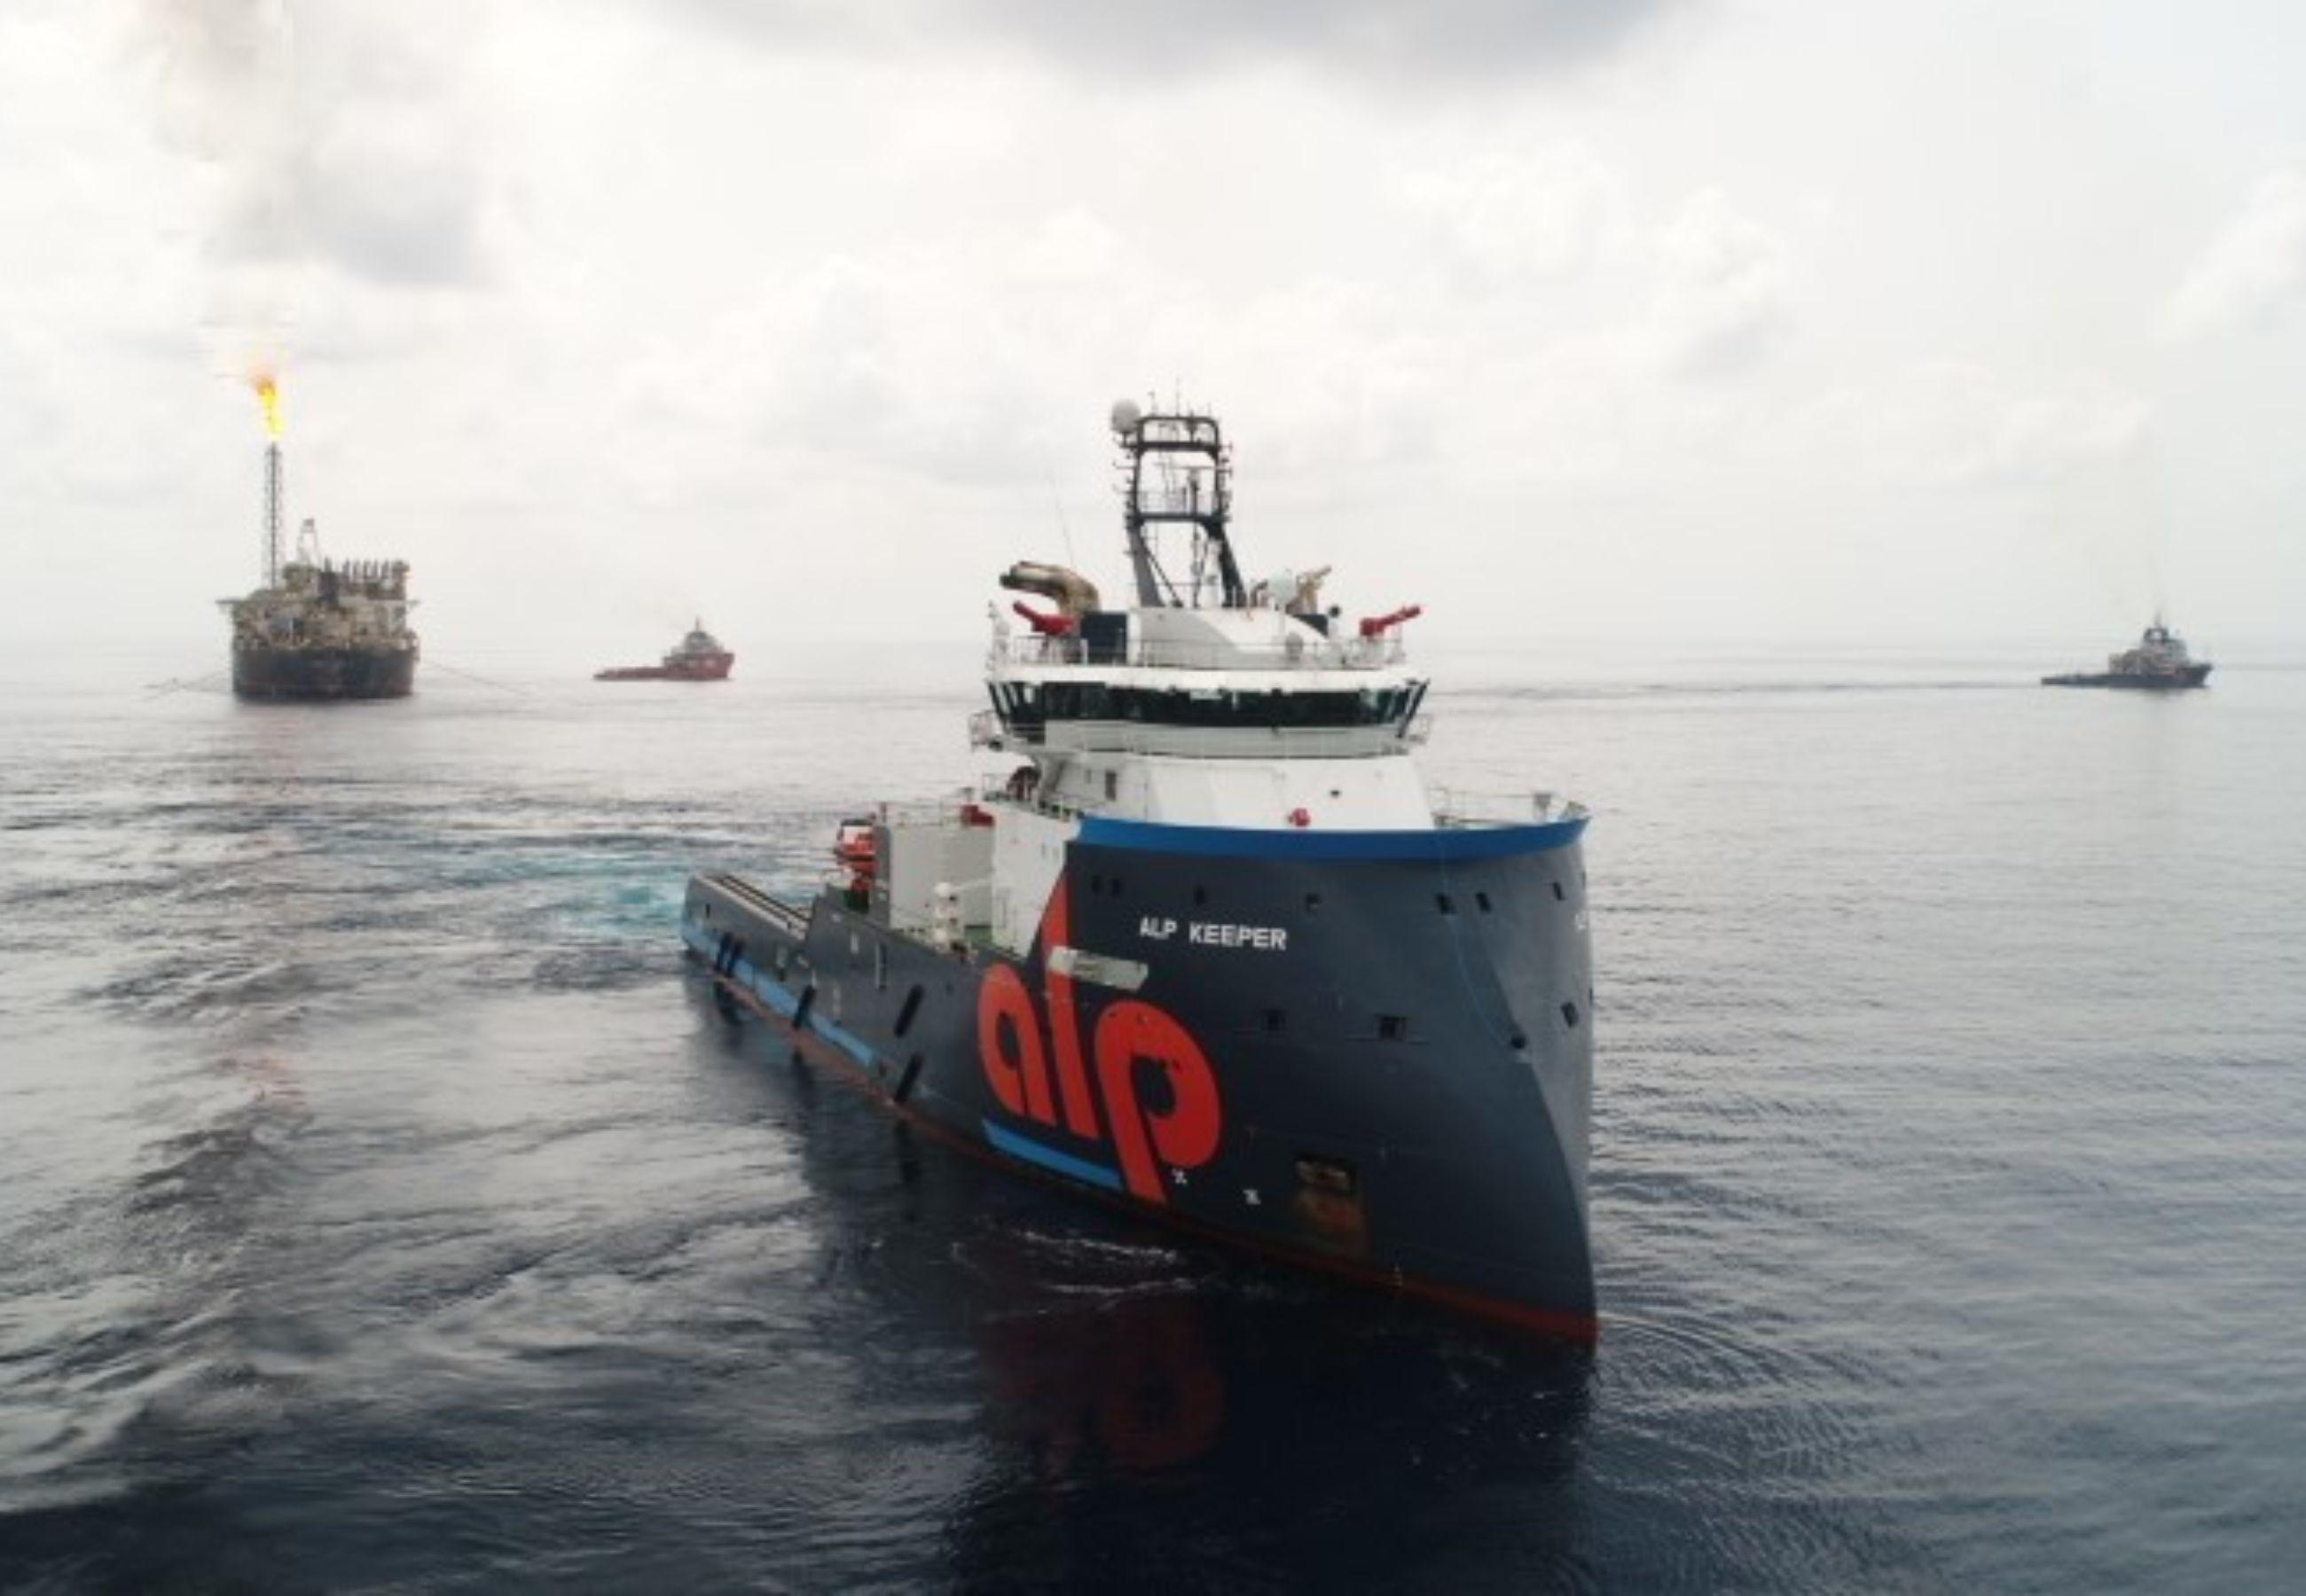 Alp Centre Keeper Jubilee Fpso Subsea 7 Ghana 3